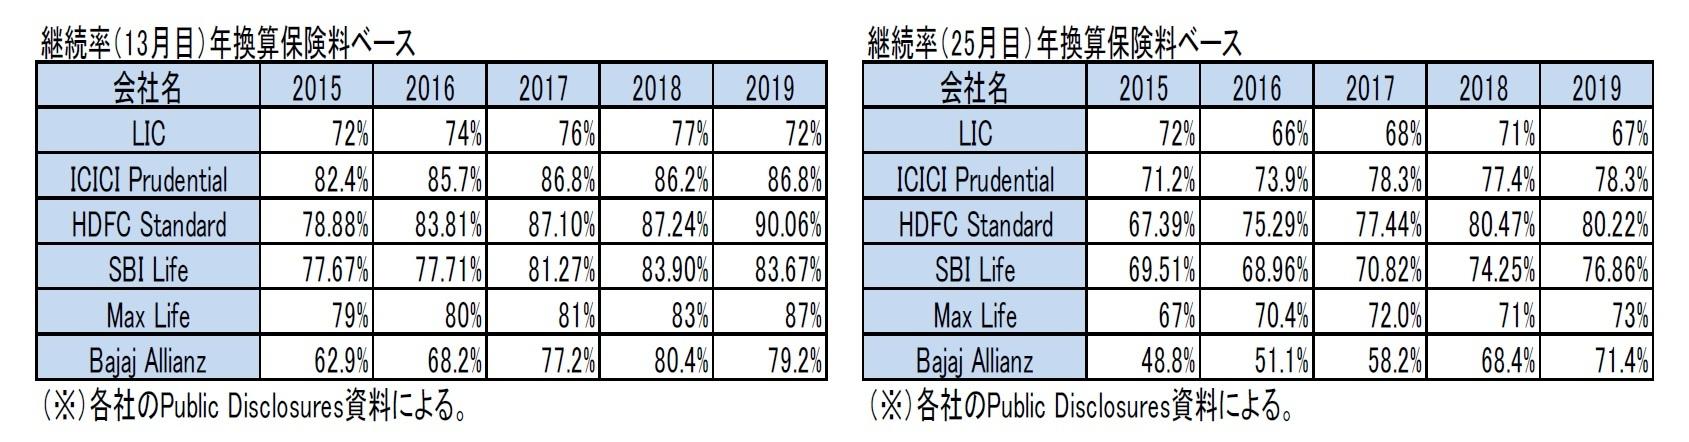 継続率(13月目)年換算保険料ベース/継続率(25月目)年換算保険料ベース